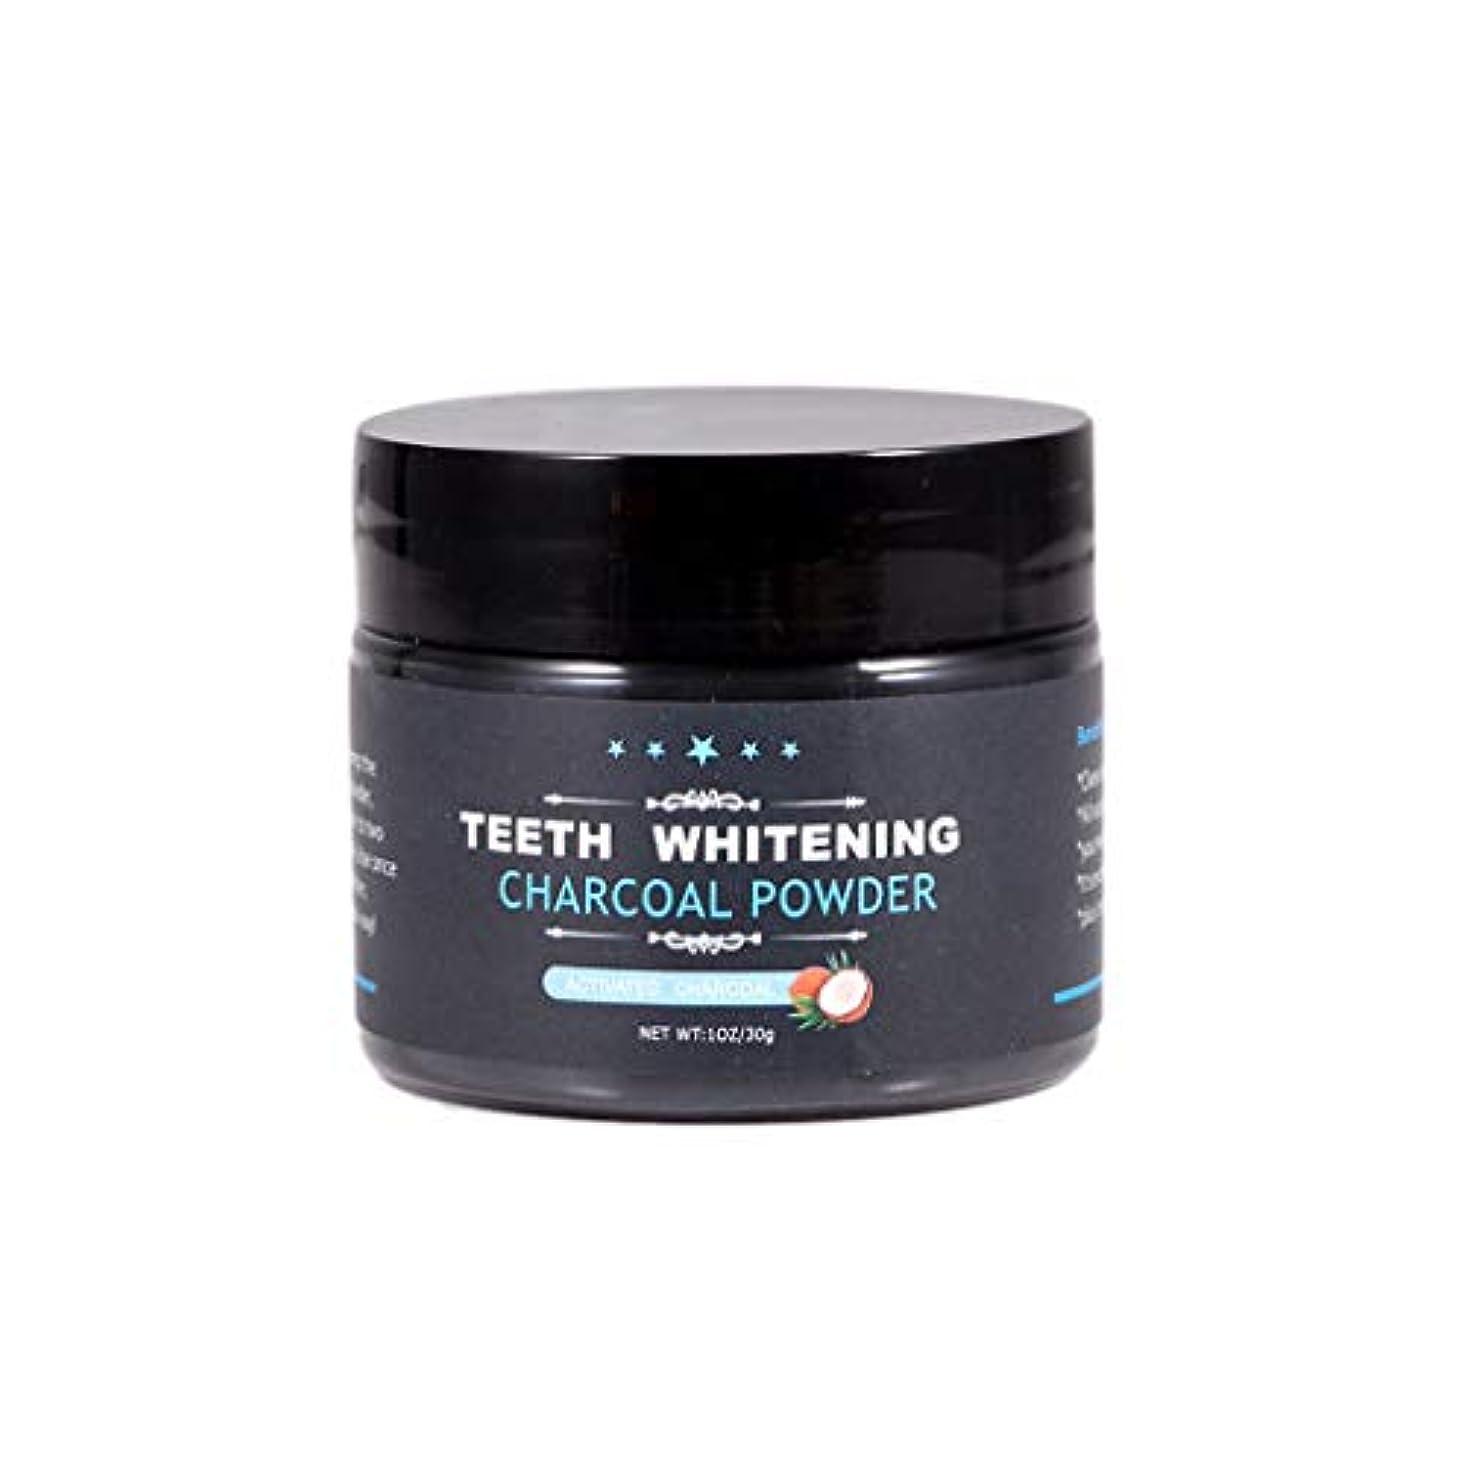 TopFires 歯を活性化させた有機ココナッツ殻から作られた白い粉を白くする - 口臭をなくし、コーヒーと茶の汚れ、口腔内細菌を排除